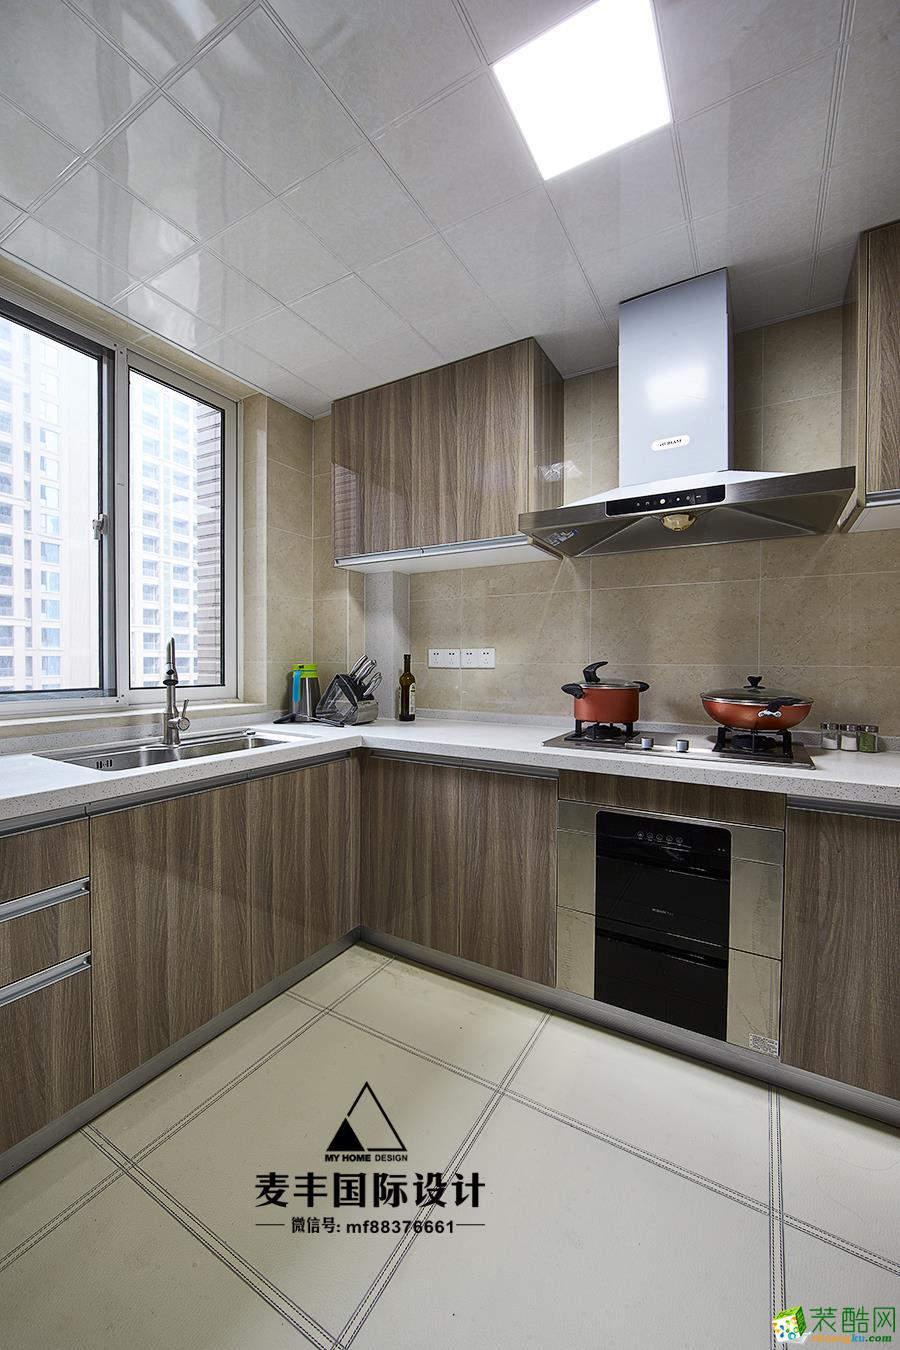 厨房  杭州150㎡4室2厅装修—麦丰设计—康城国际简约风格装修作品